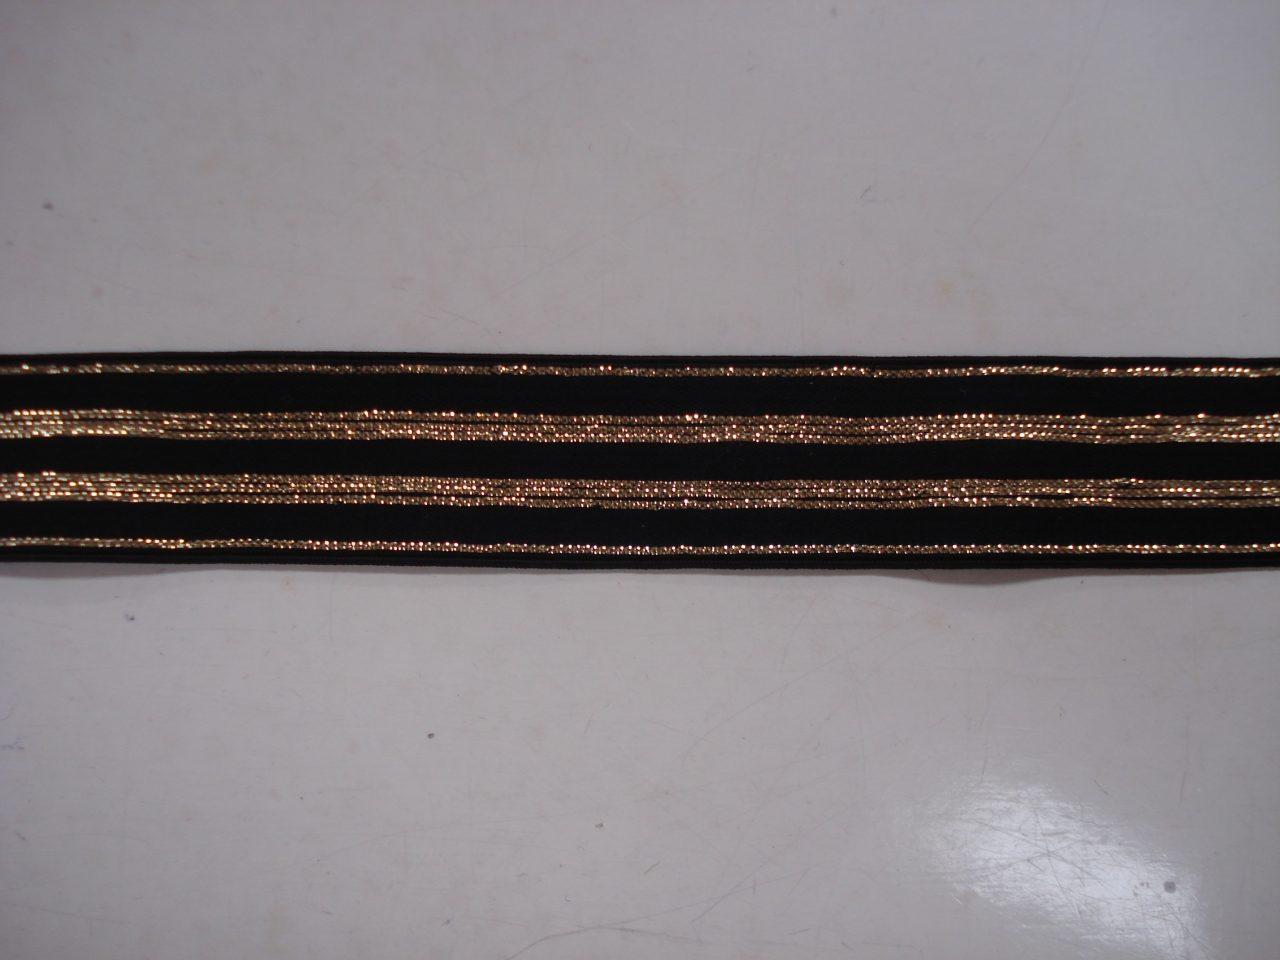 69163cbad58 Gestreept Elastiek zwart/goud lurex 20mm. halve meter €0,88 - Zus en Gus